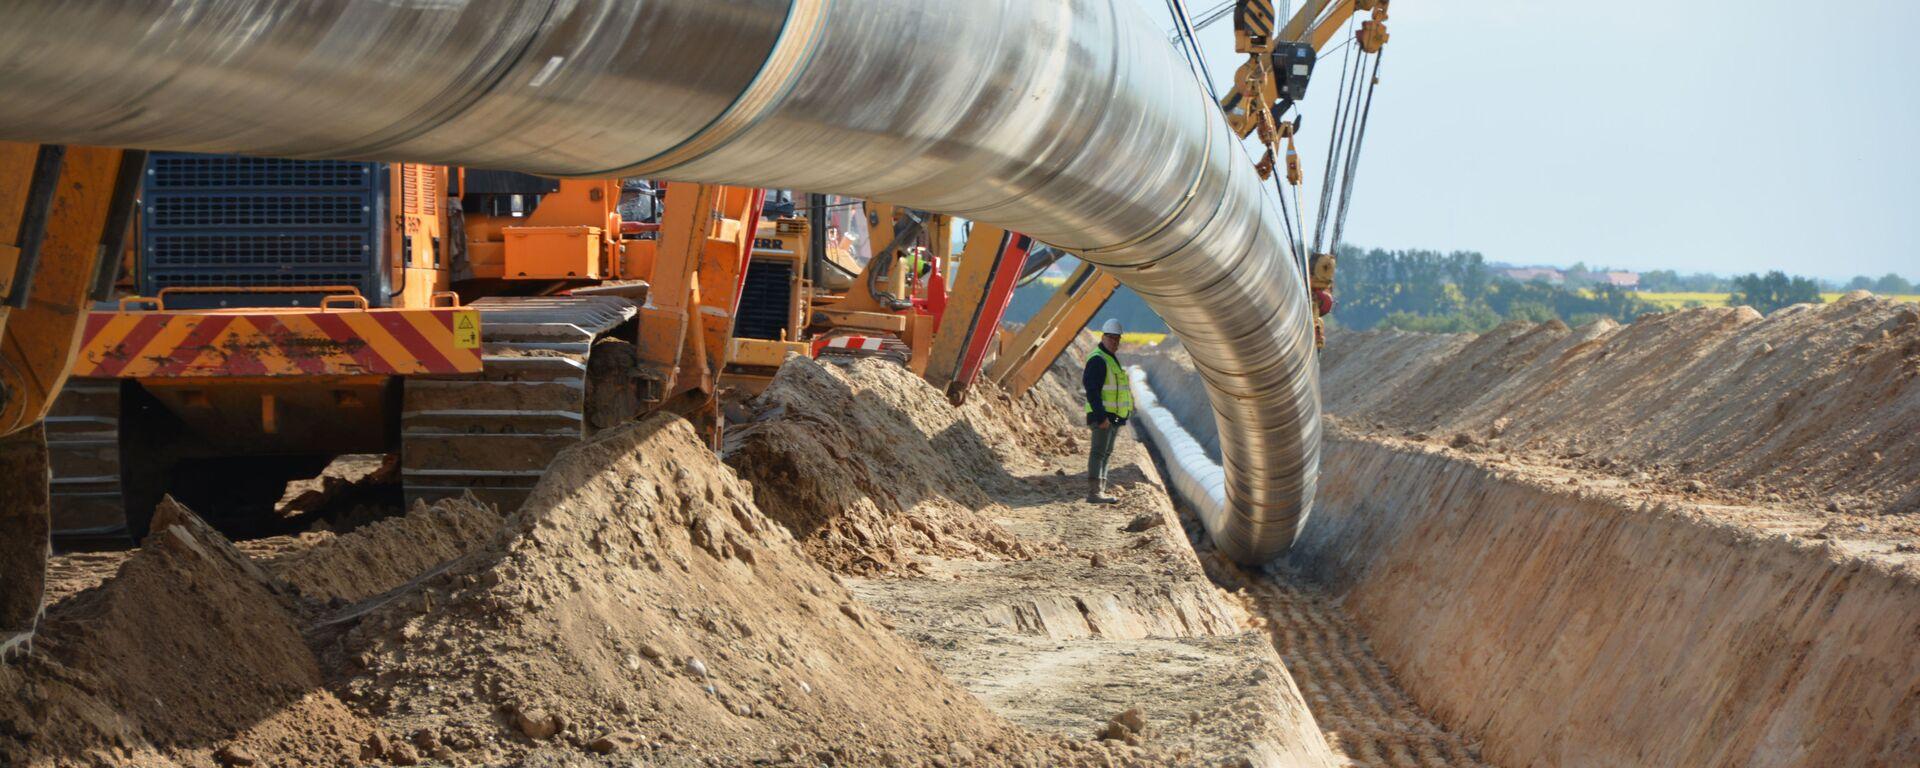 Строительство газопровода Северный поток-2 в Германии - Sputnik Italia, 1920, 22.09.2021